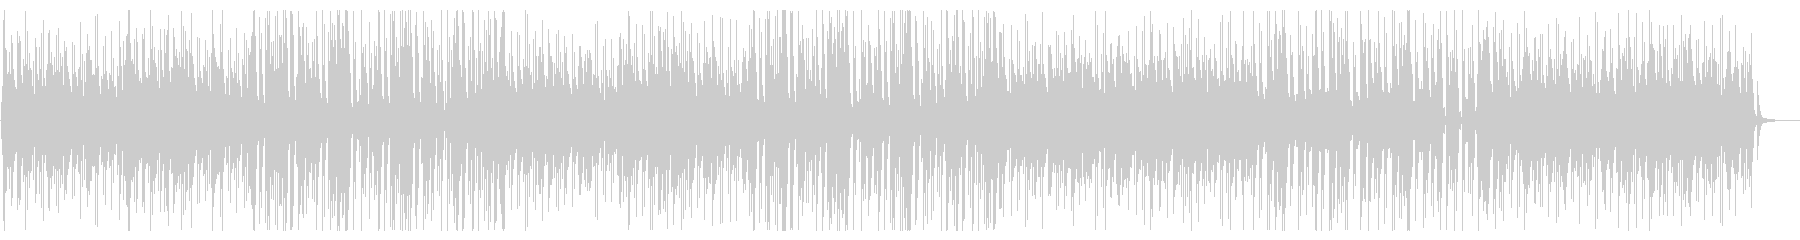 ゆったり落ち着くピアノのボサノバの未再生の波形